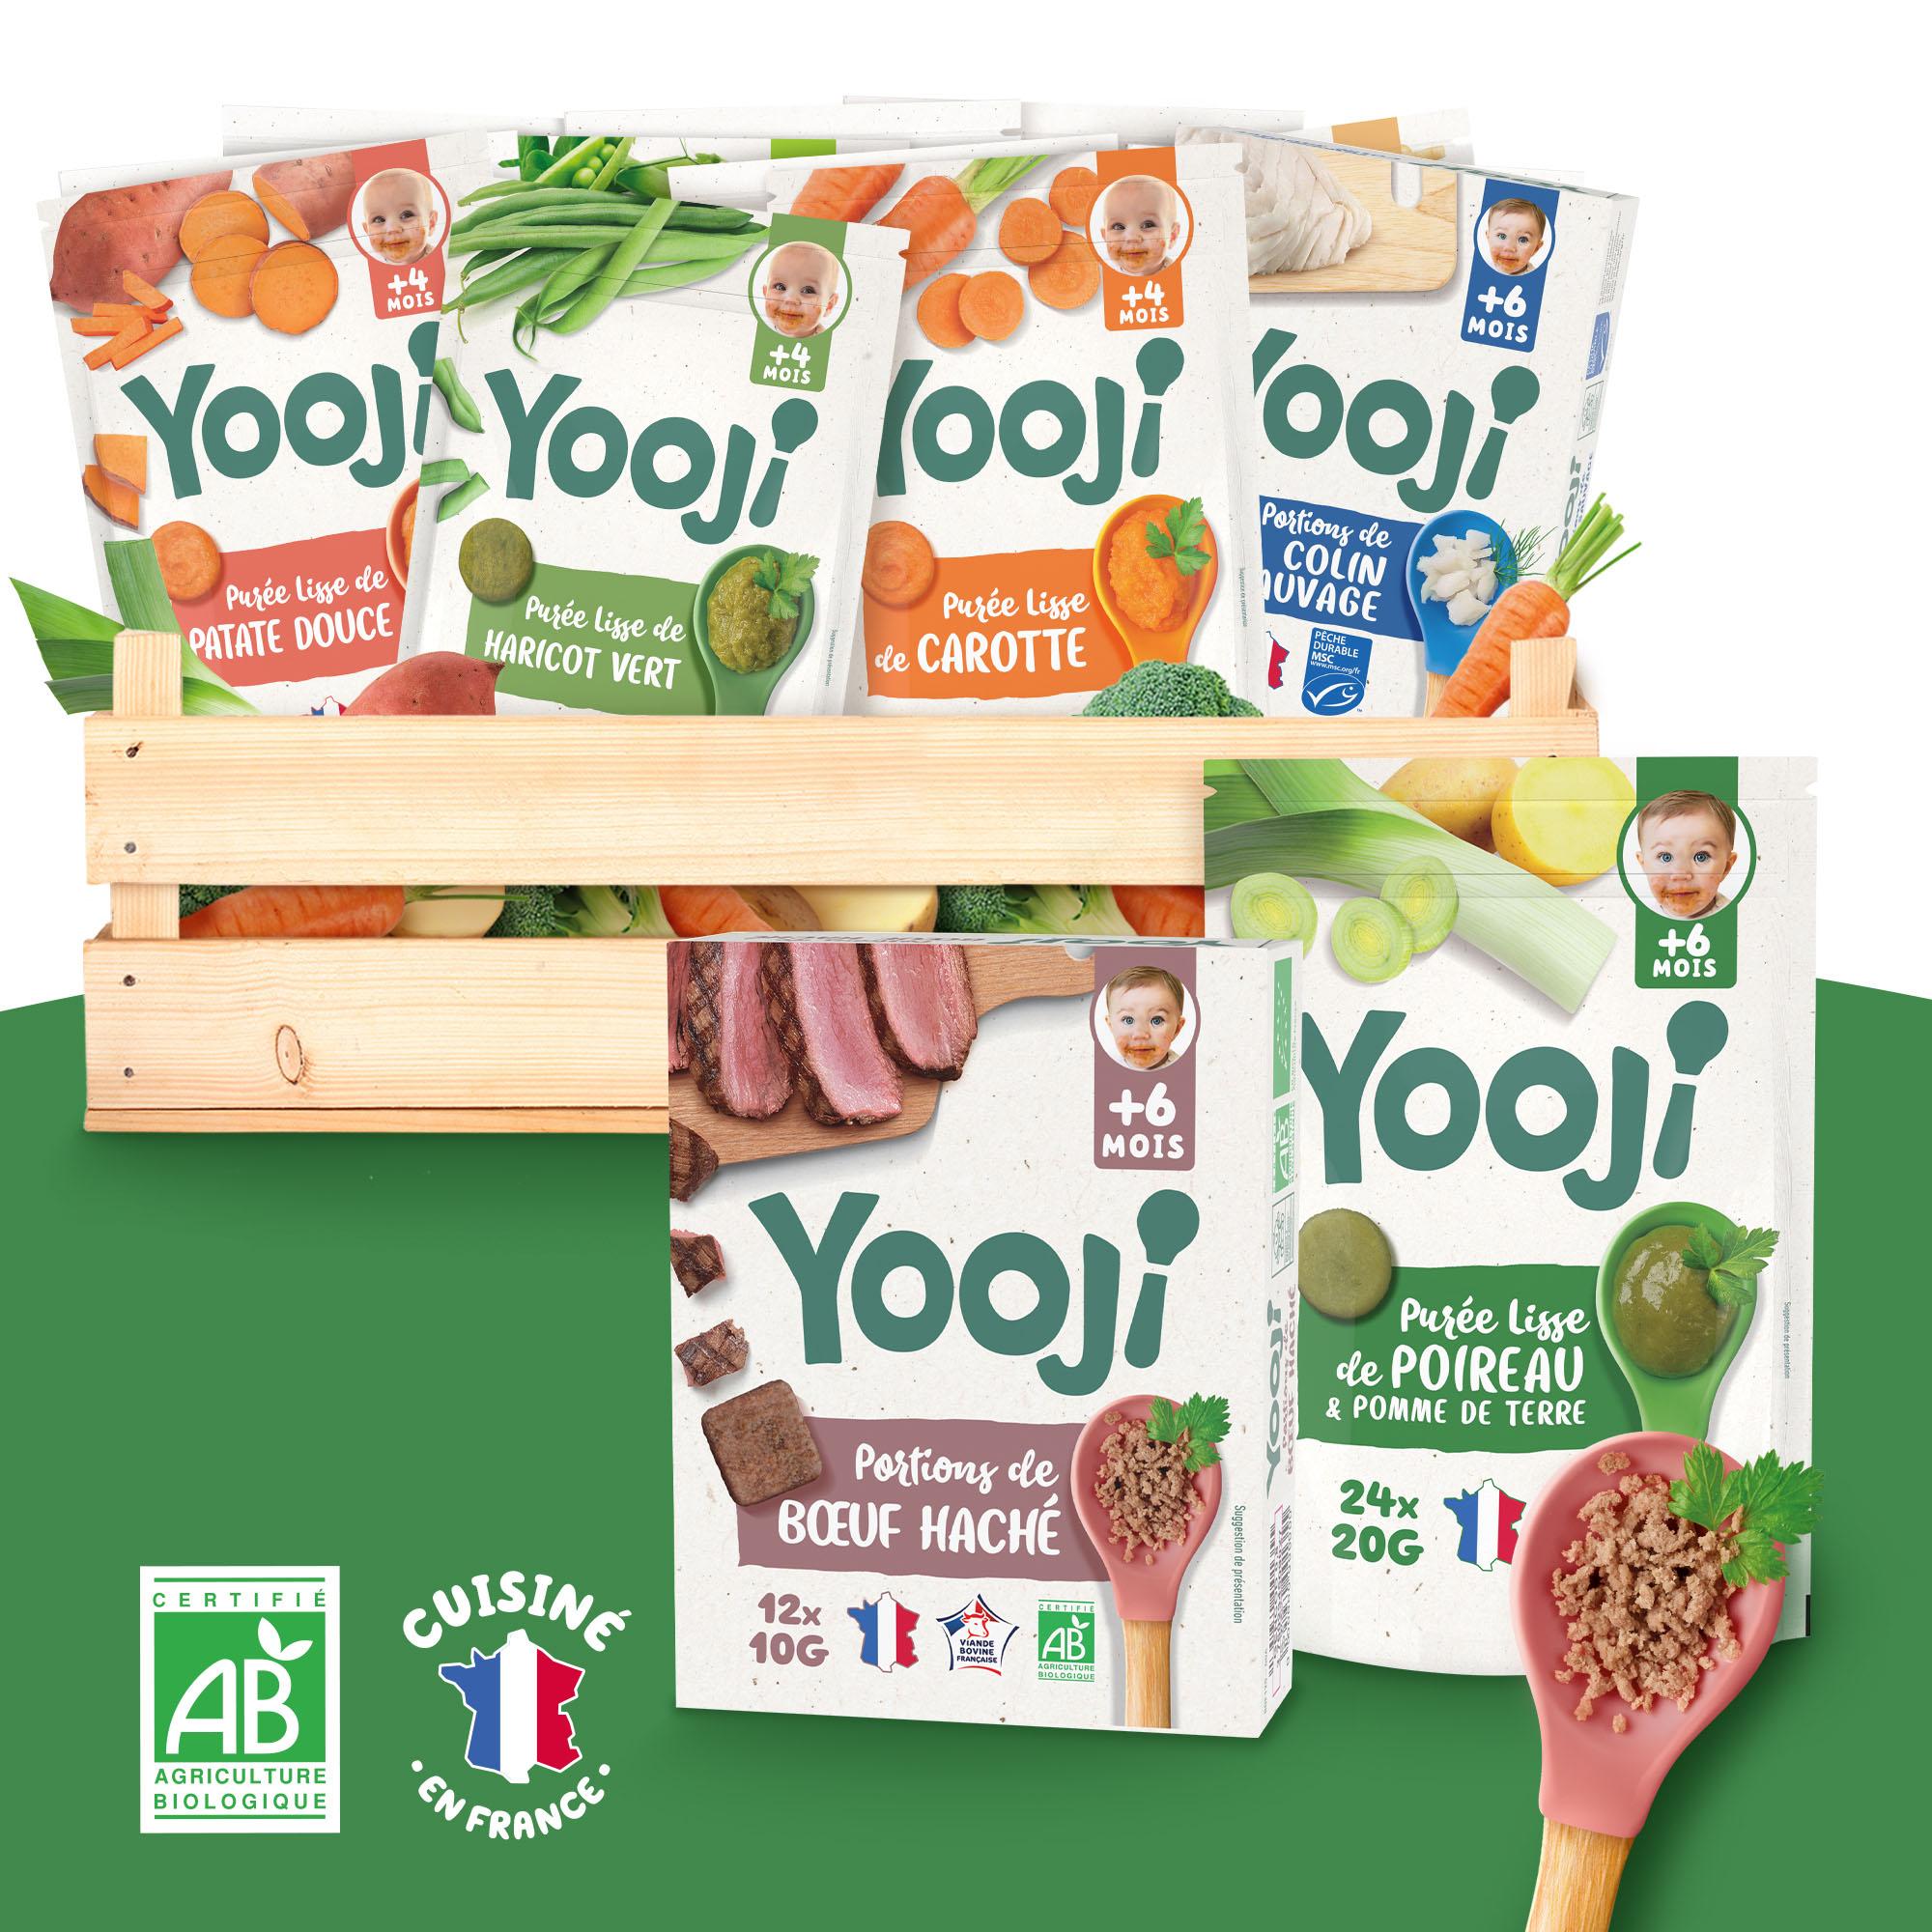 Yooji - 3 mois de repas - Plus de 100 recettes possibles - bébé 6 mois